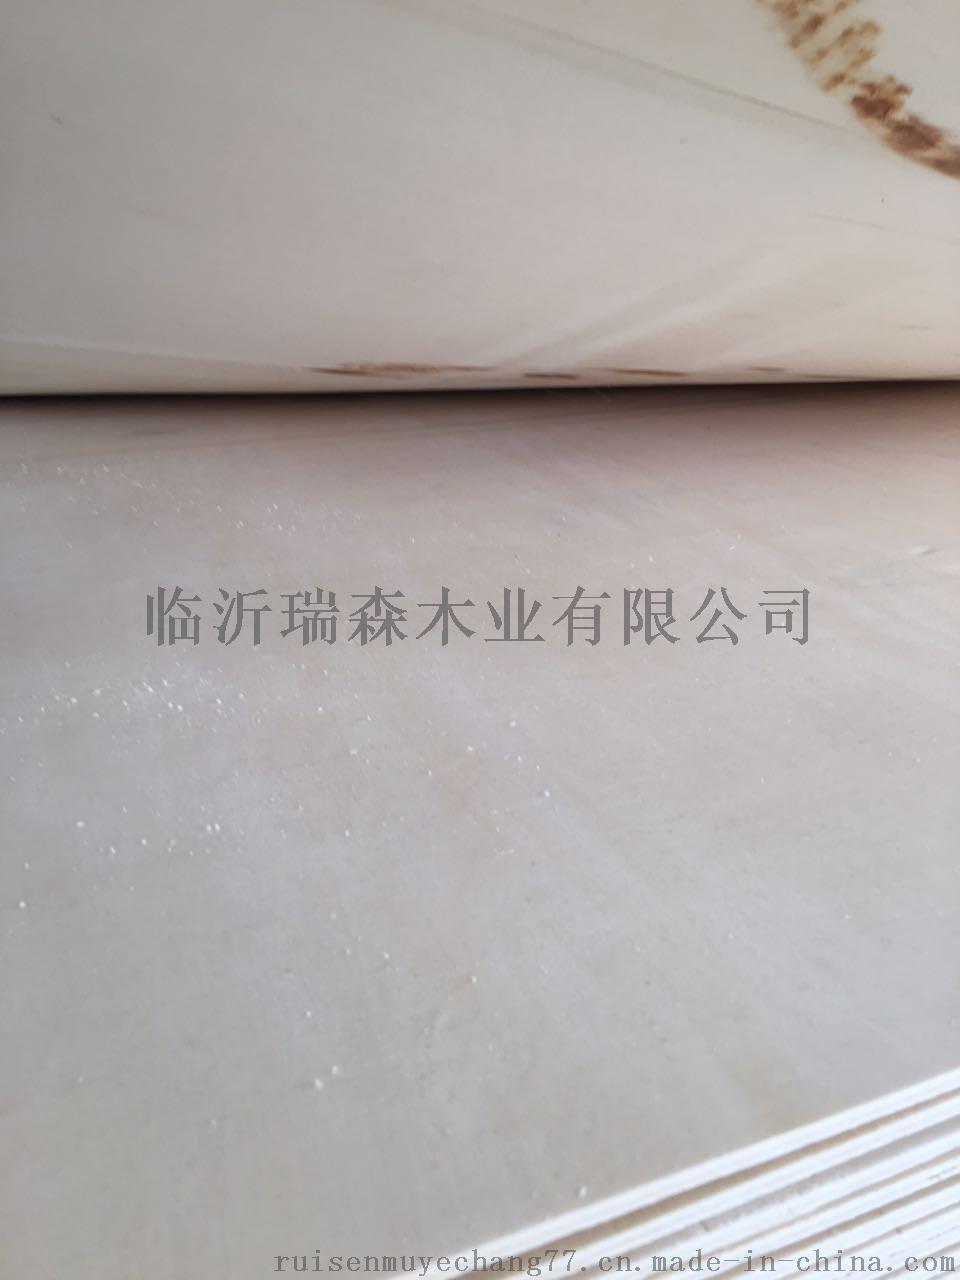 瑞森木业E0级12mm胶合板出口马来西亚胶合板多层夹板门板43832022